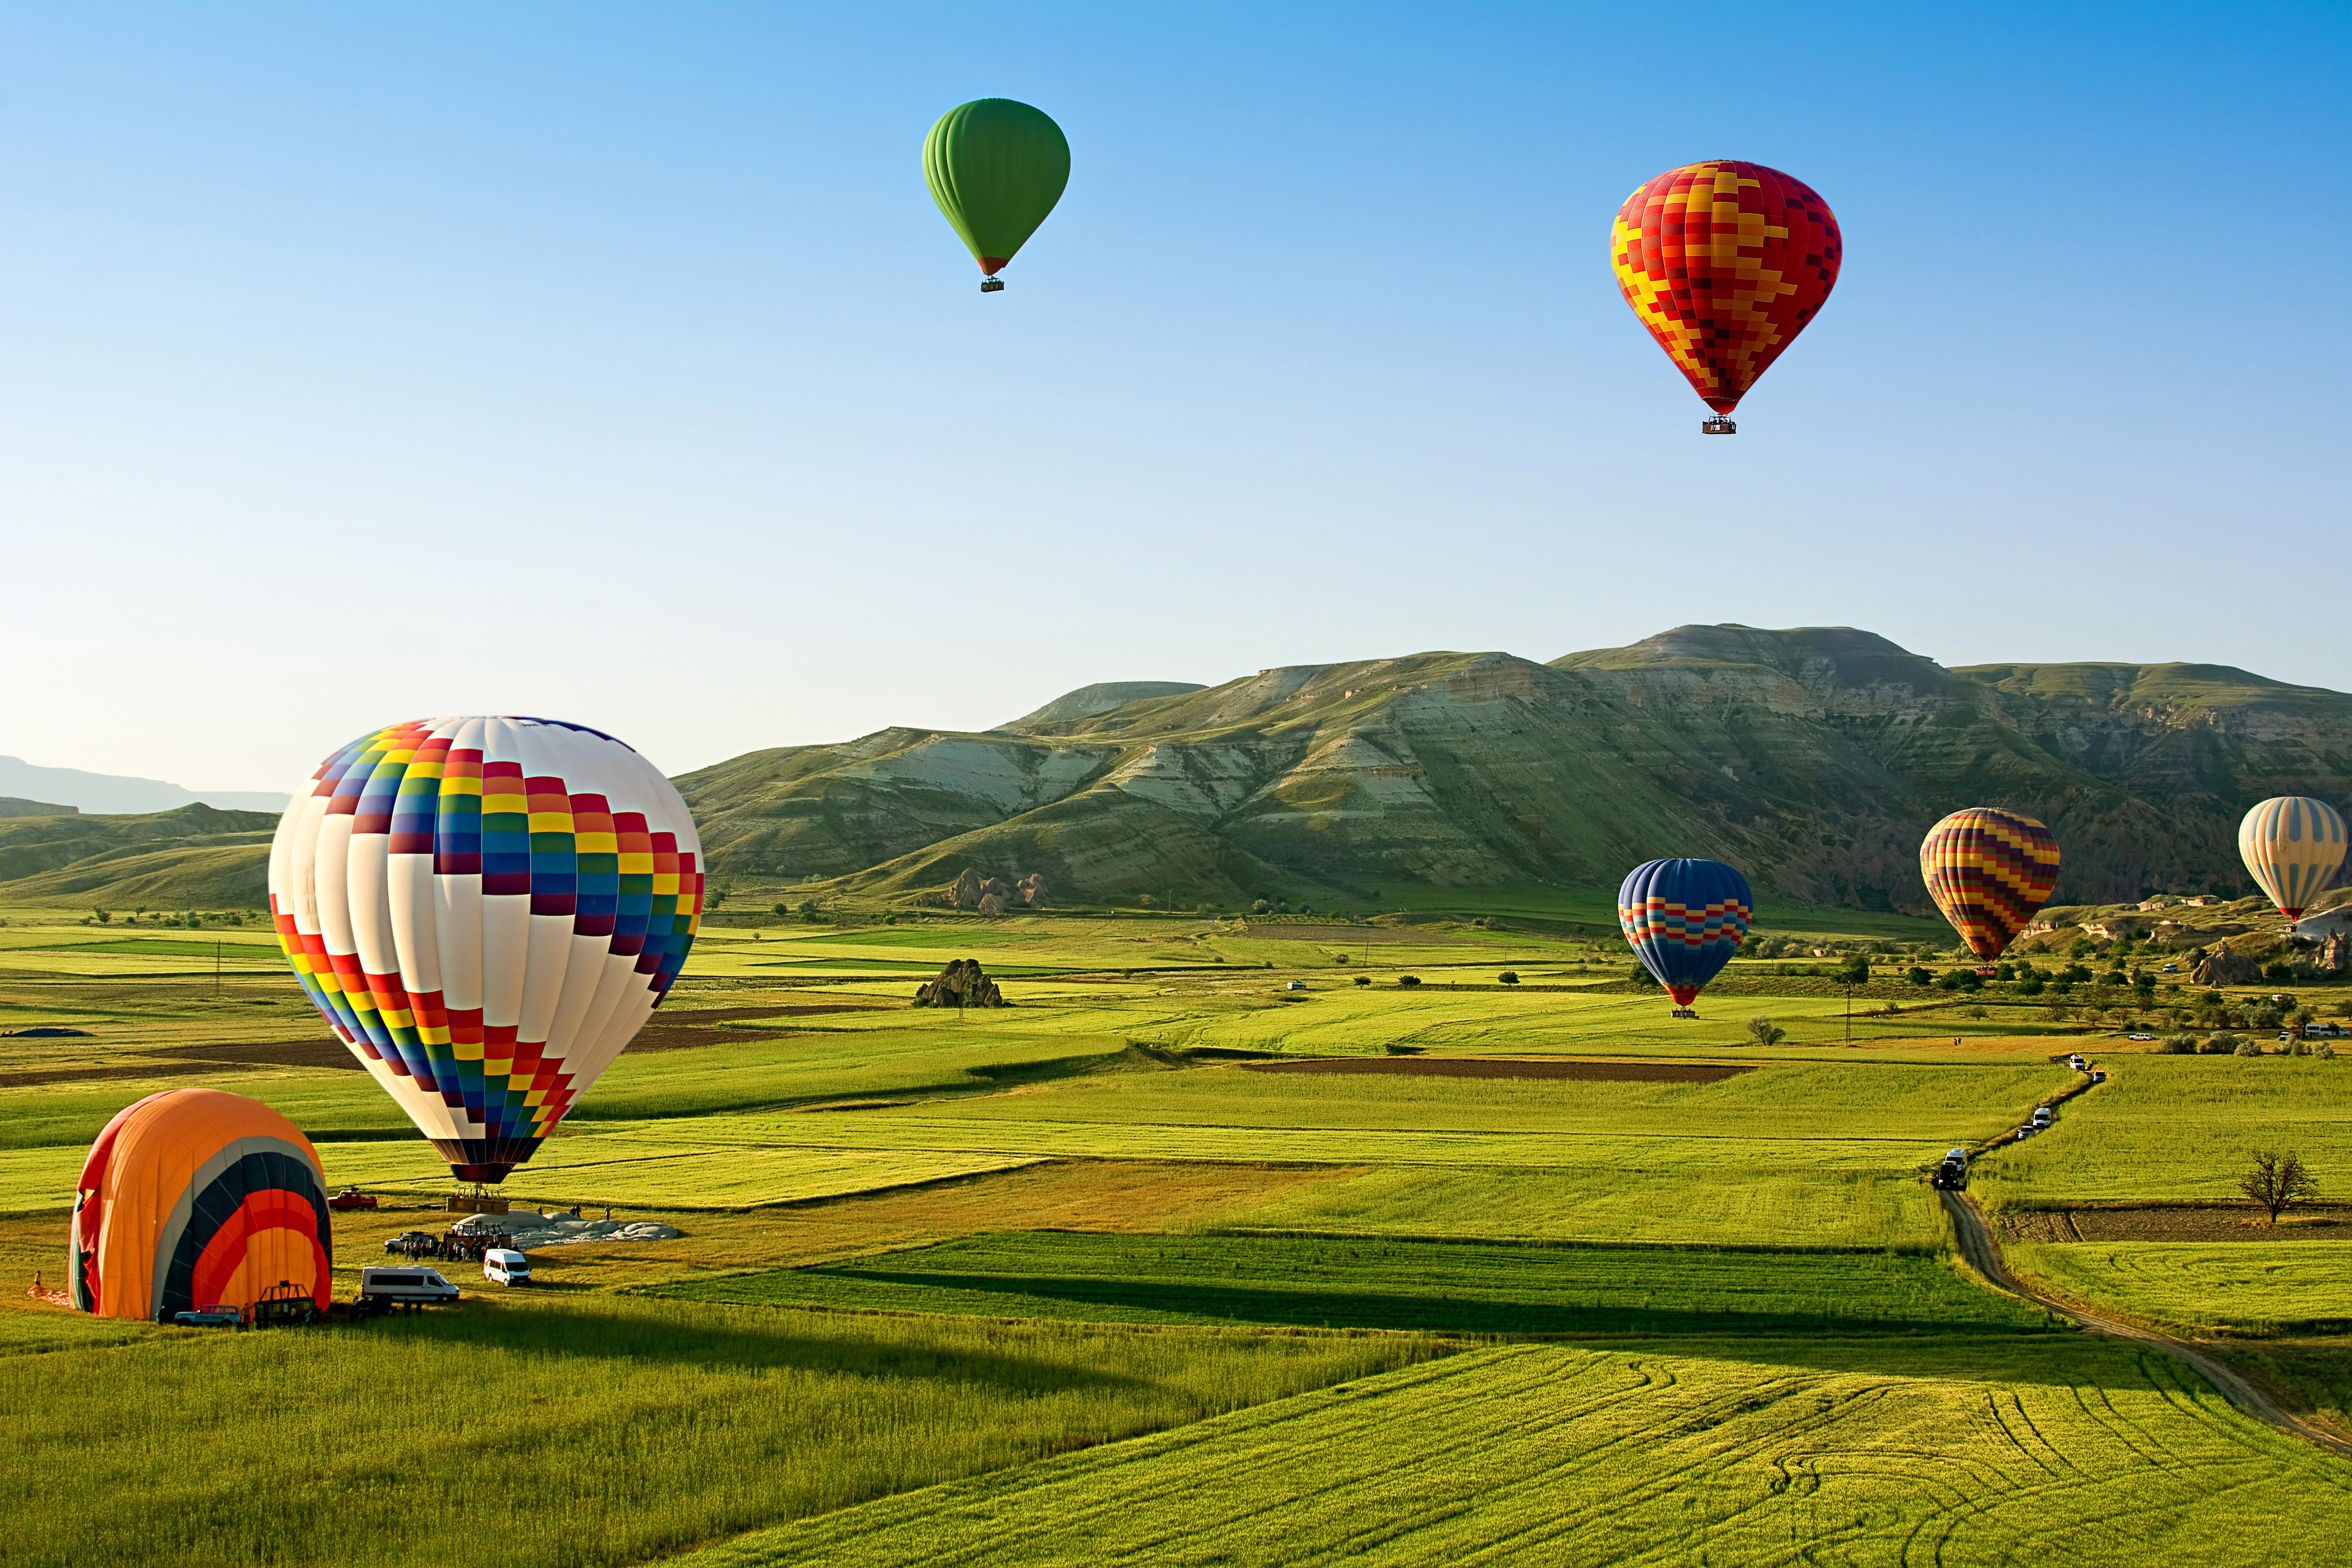 Полет на воздушном шаре Москва Заказать полет на шаре в